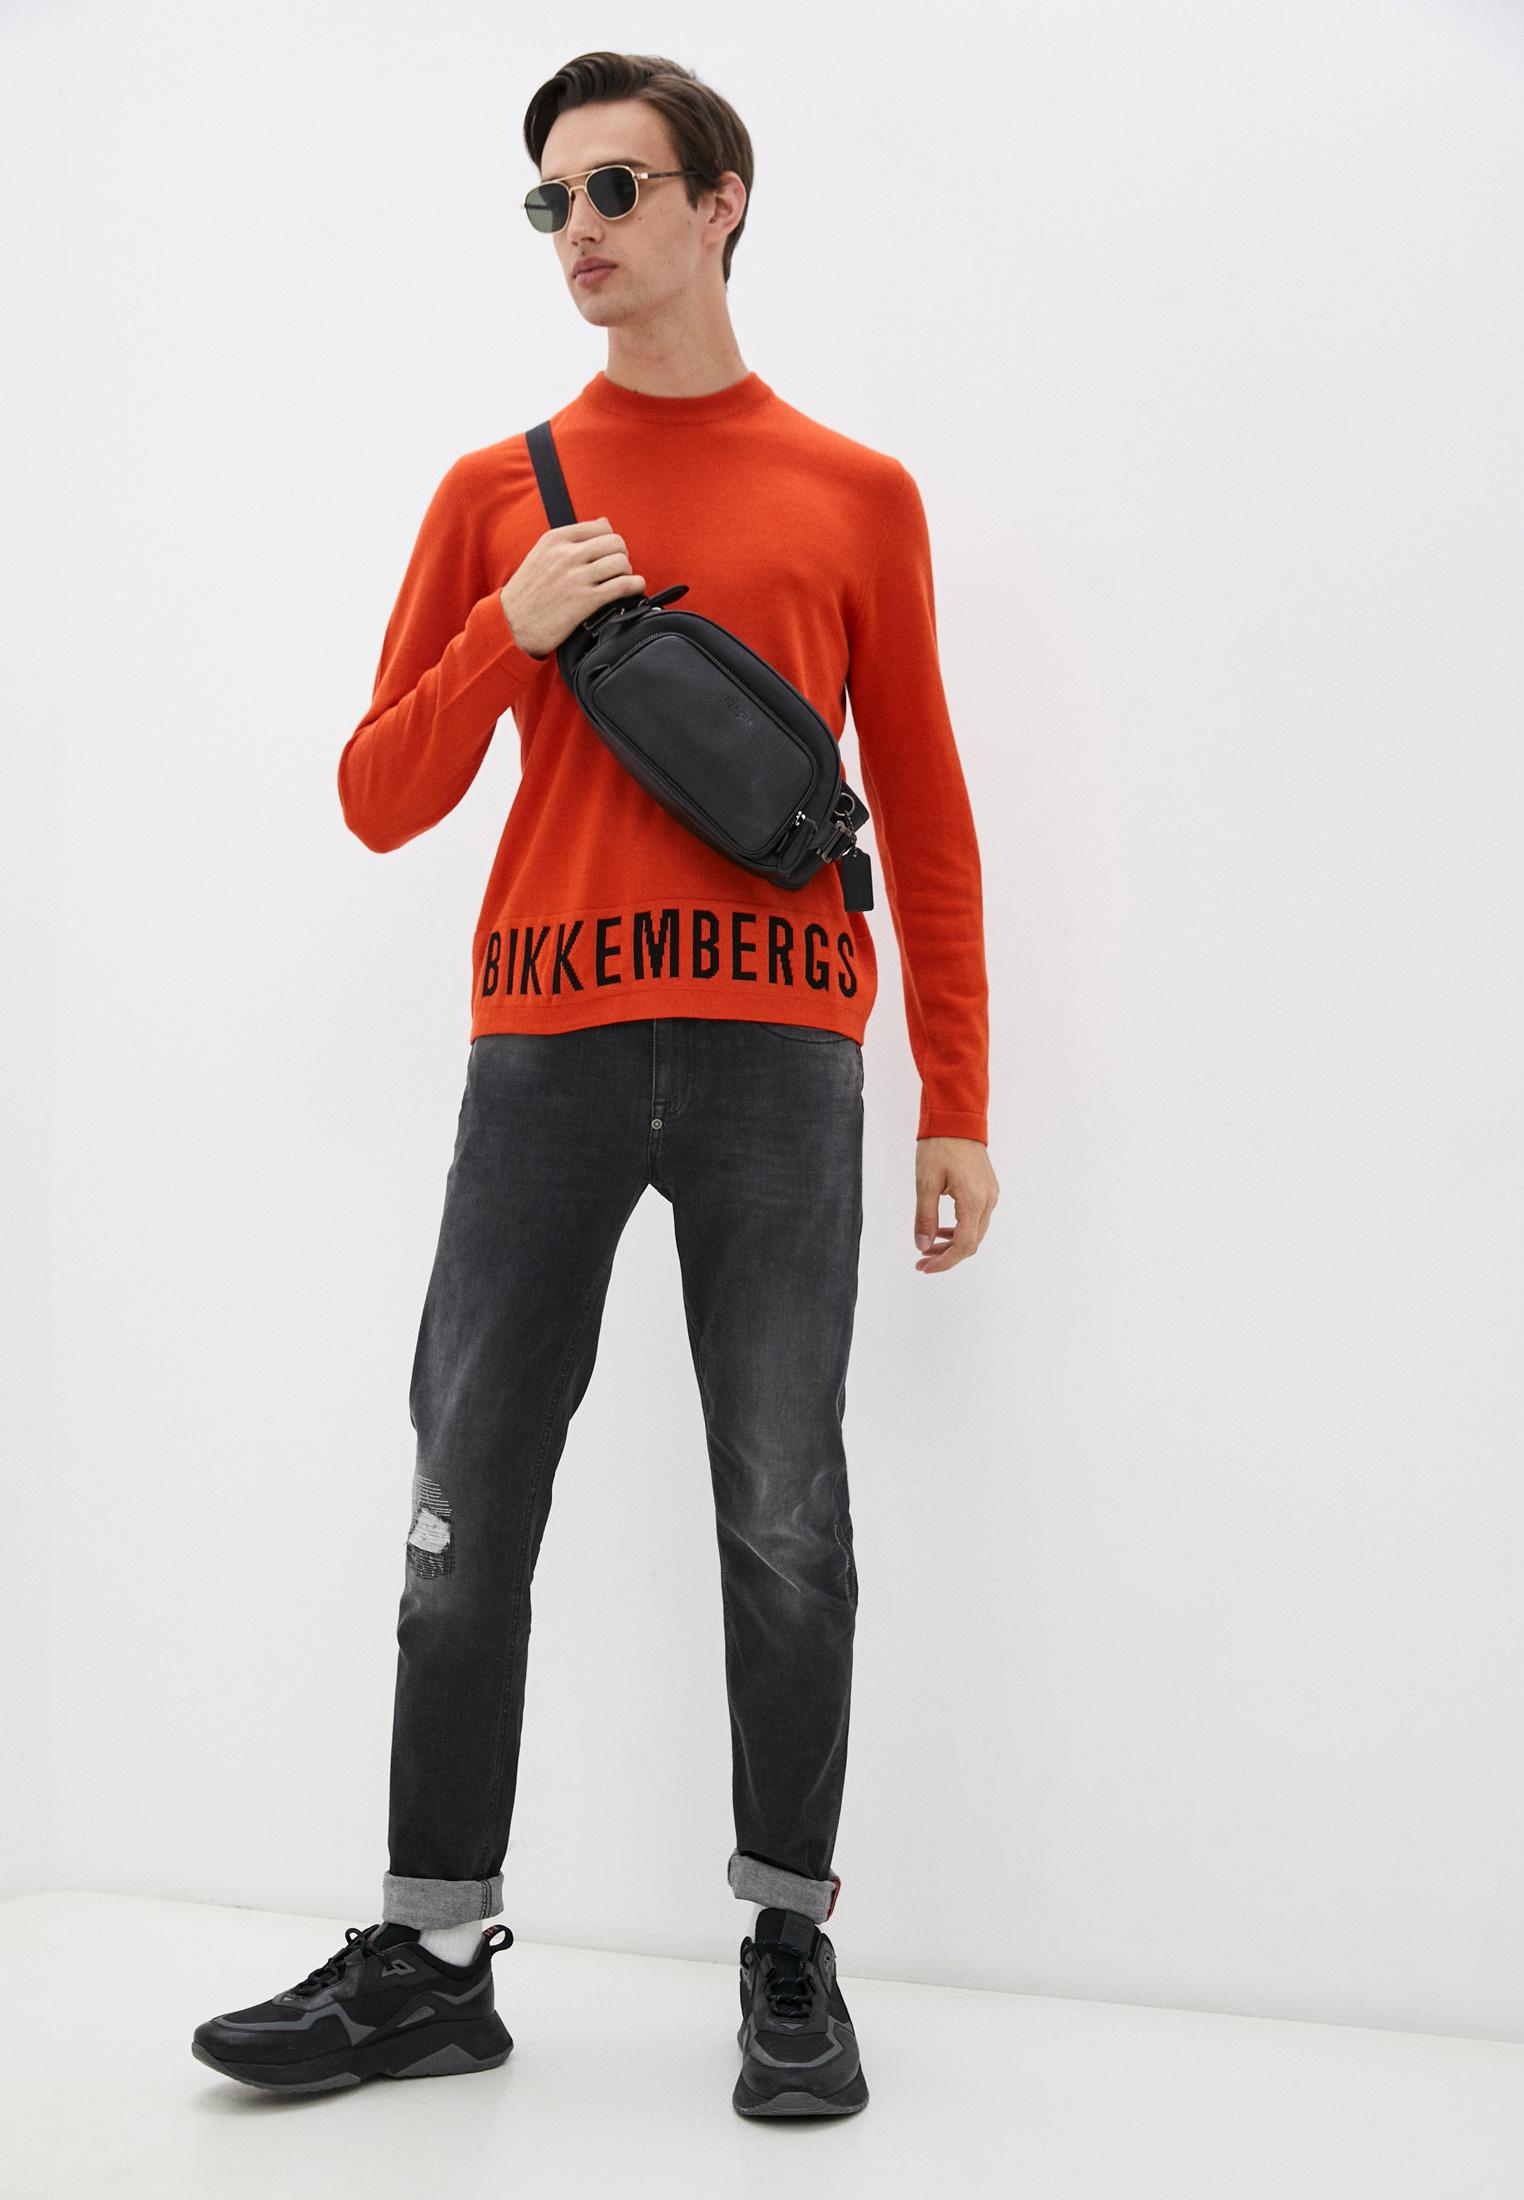 Мужские зауженные джинсы Bikkembergs (Биккембергс) C Q 101 17 S 3446: изображение 3